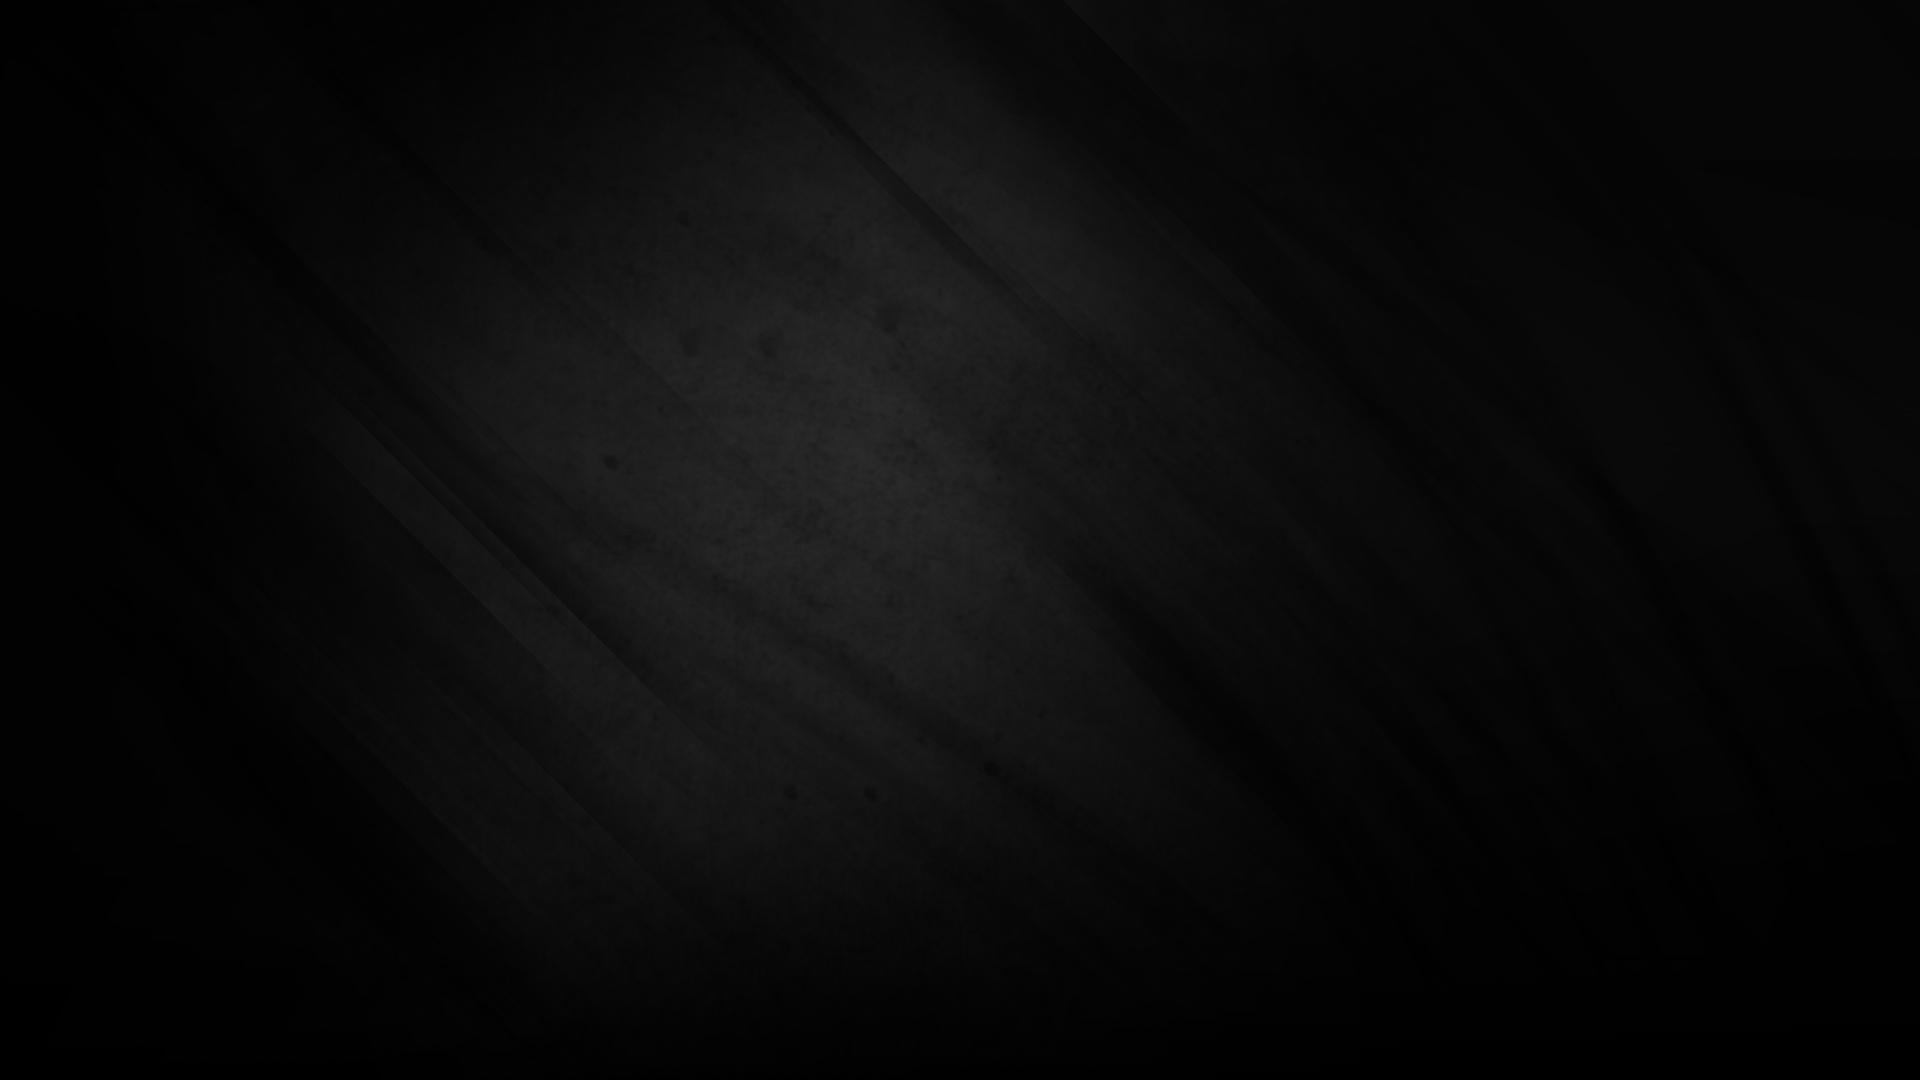 all black wallpaper 5